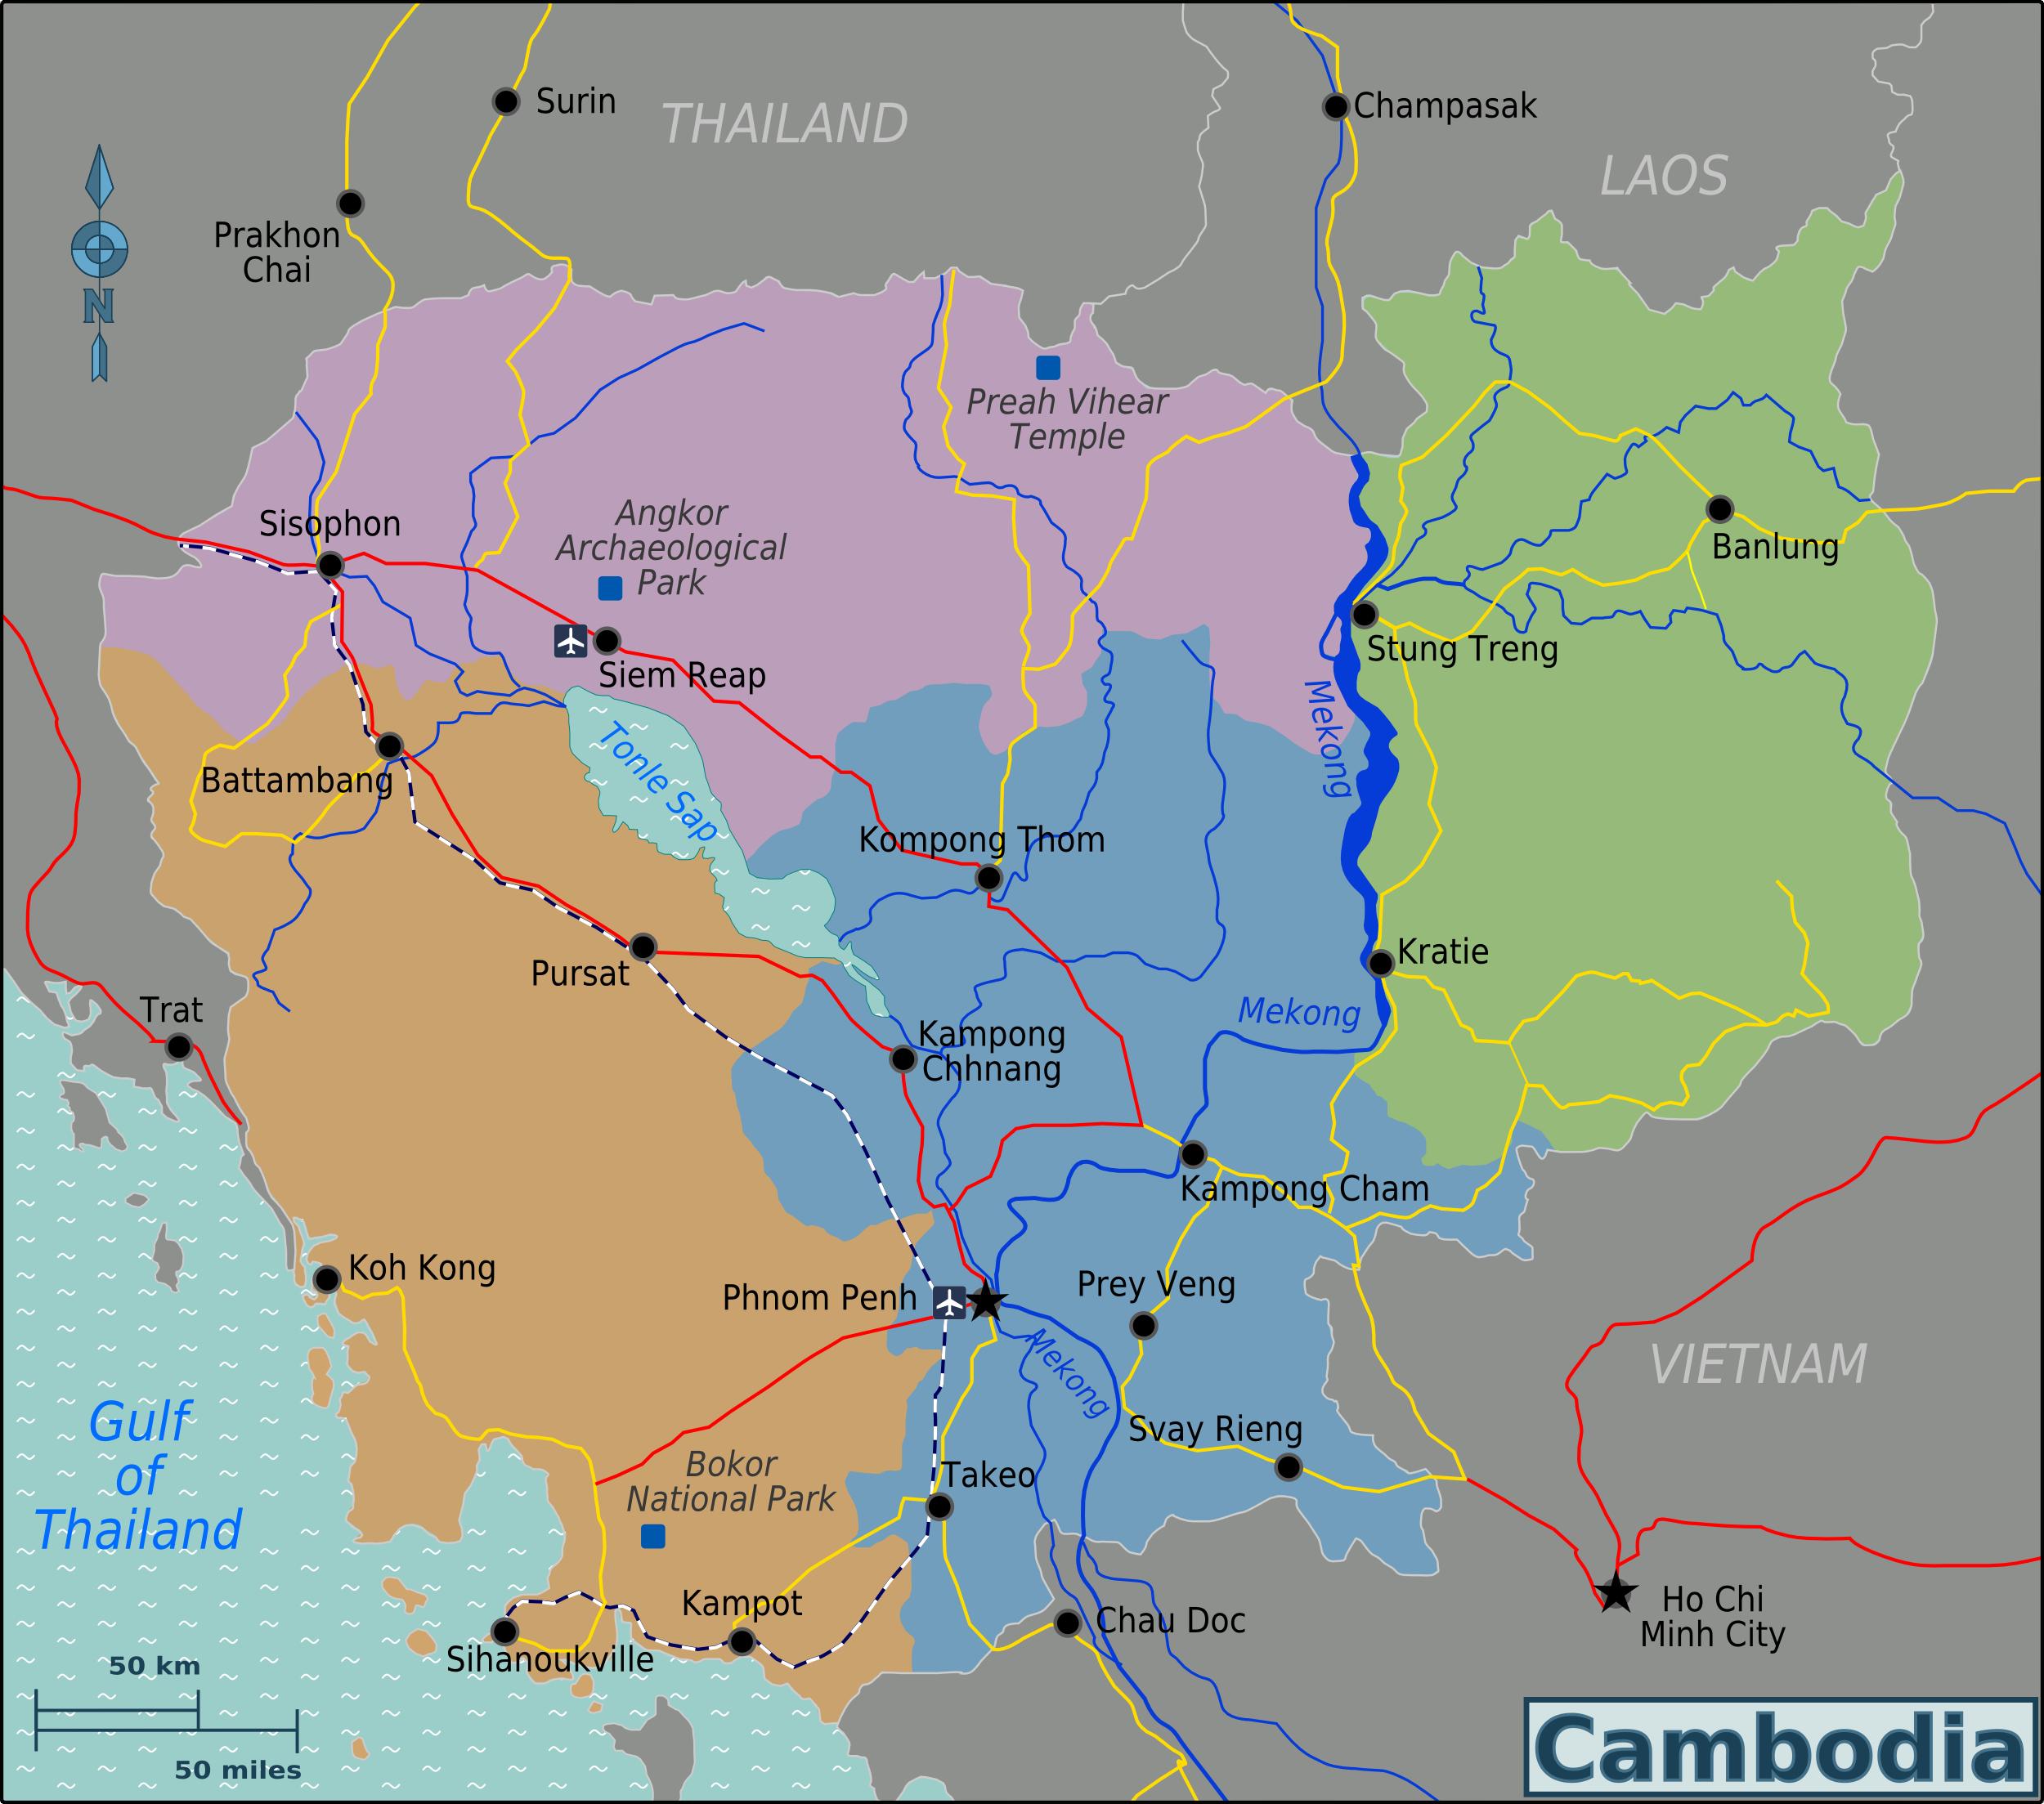 karte kambodscha Landkarte Kambodscha (Karte Regionen) : Weltkarte.  Karten und  karte kambodscha